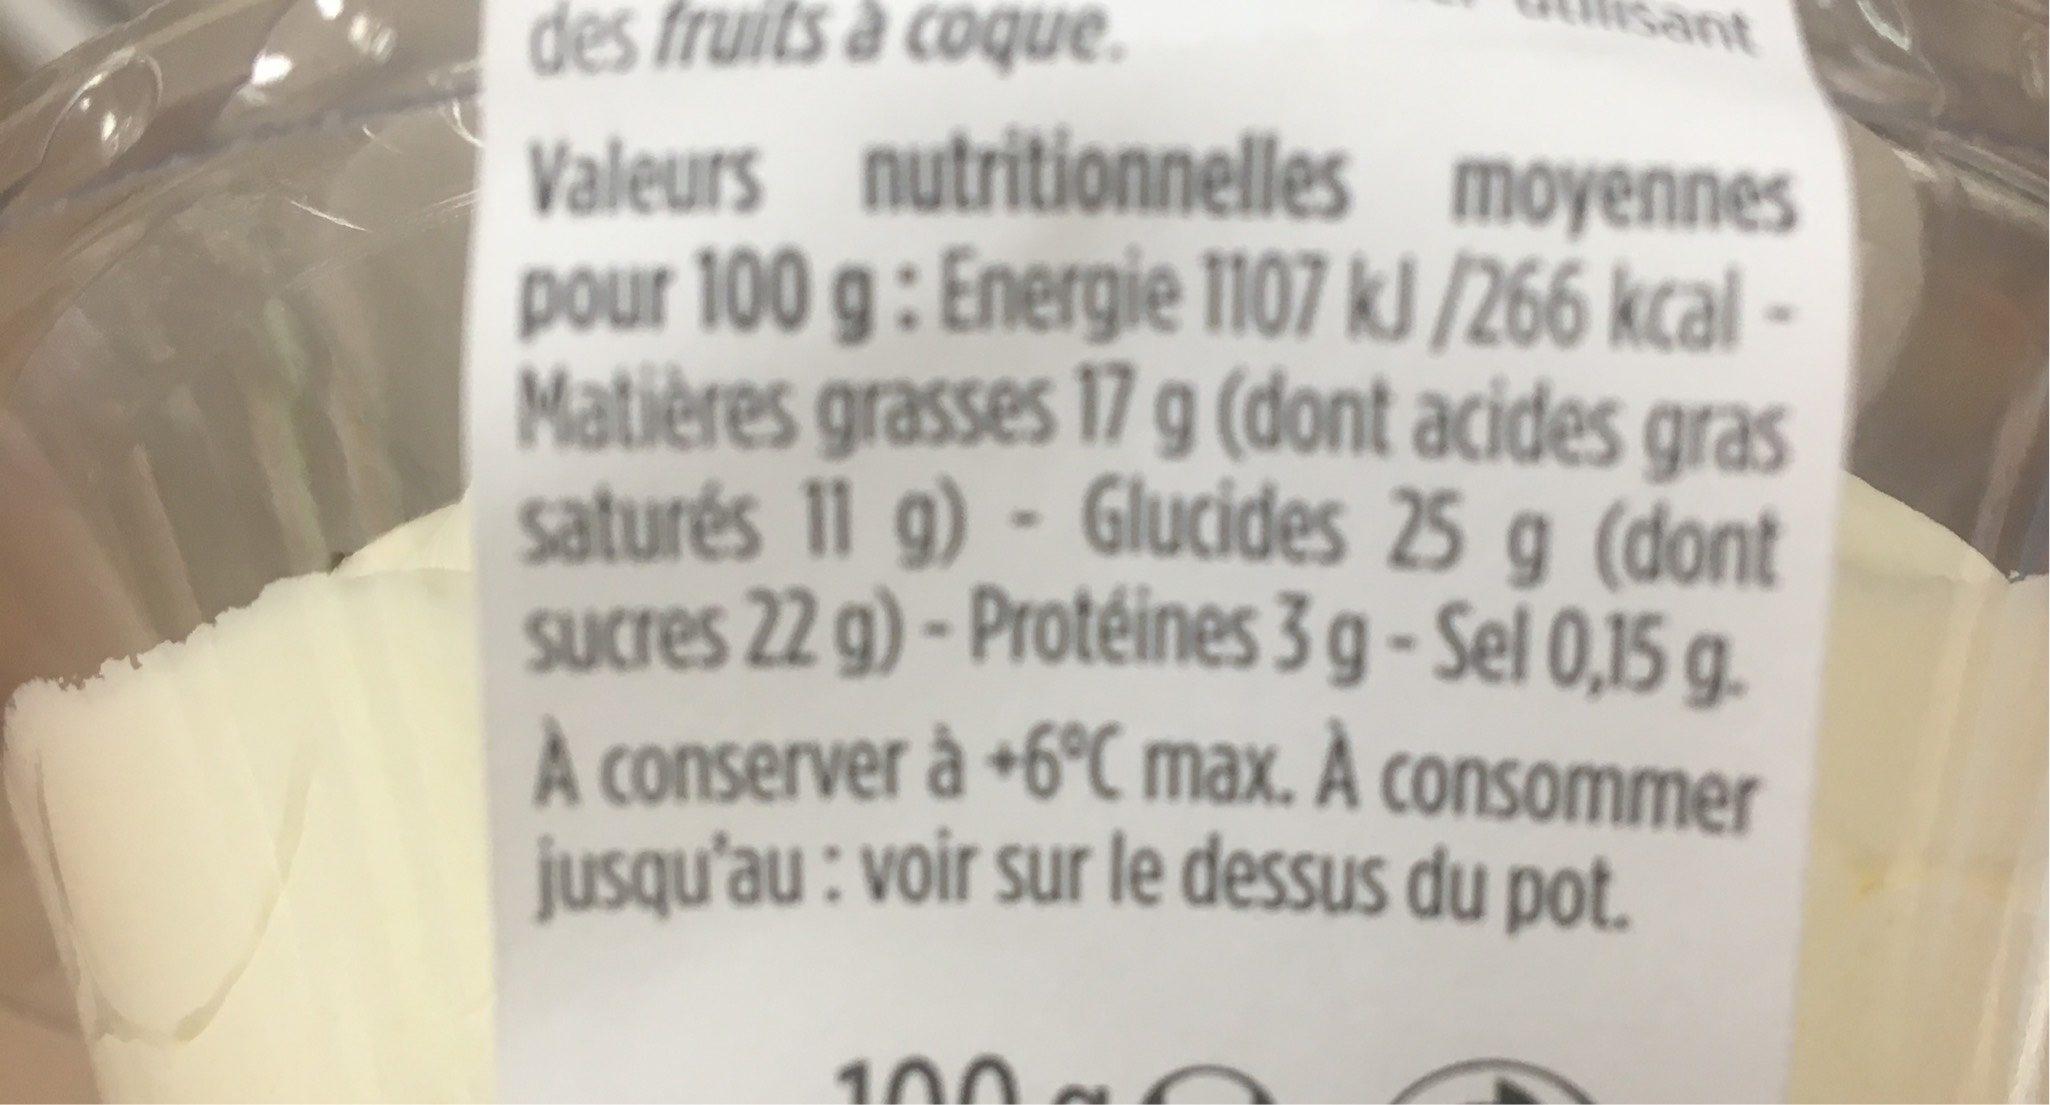 St honore et son chou vanille - Informations nutritionnelles - fr